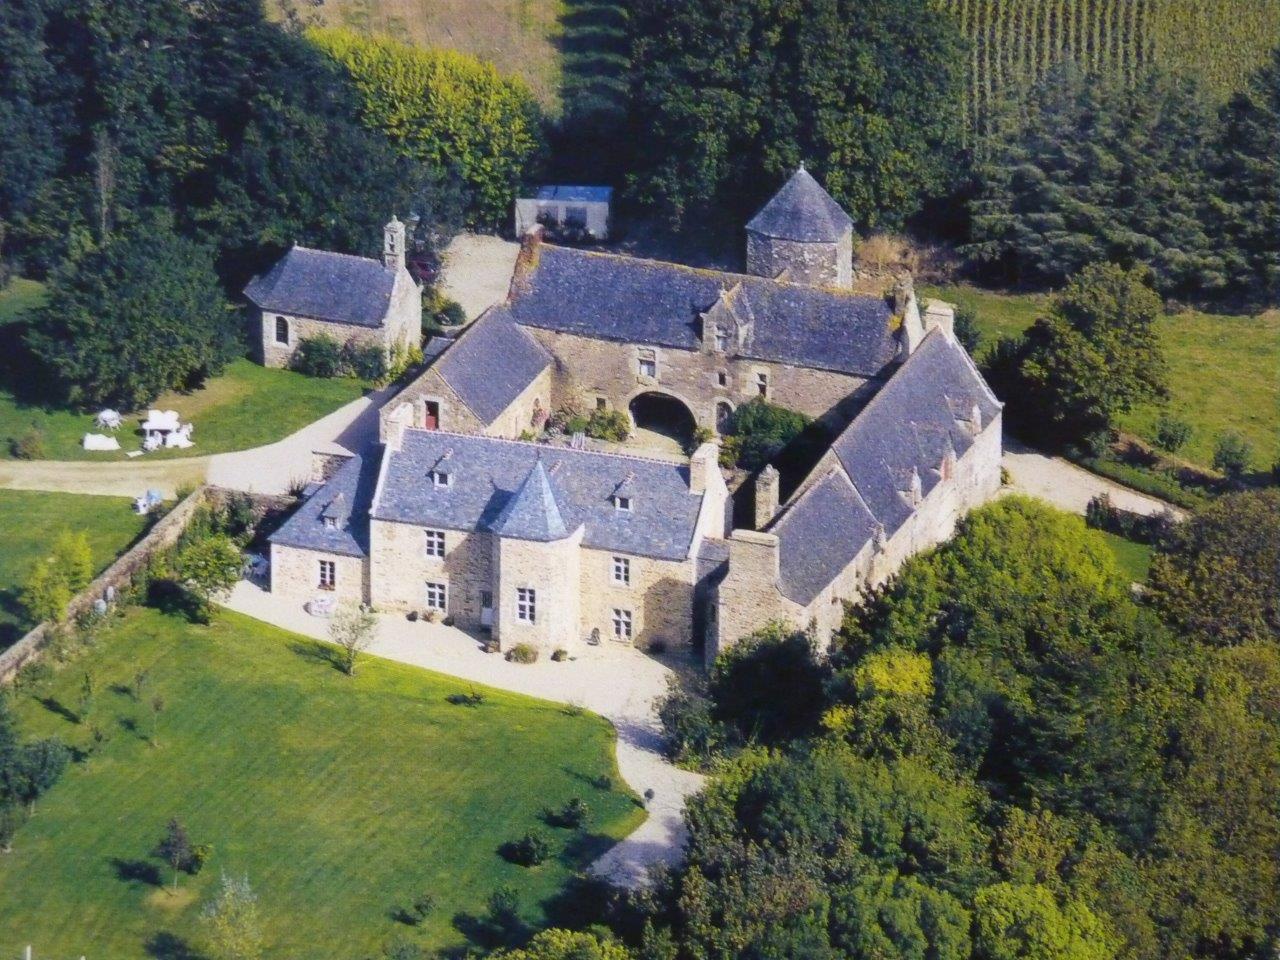 단독 가정 주택 용 매매 에 Manoir 2, Rue du Myr Other Brittany, 브리타니 29600 프랑스